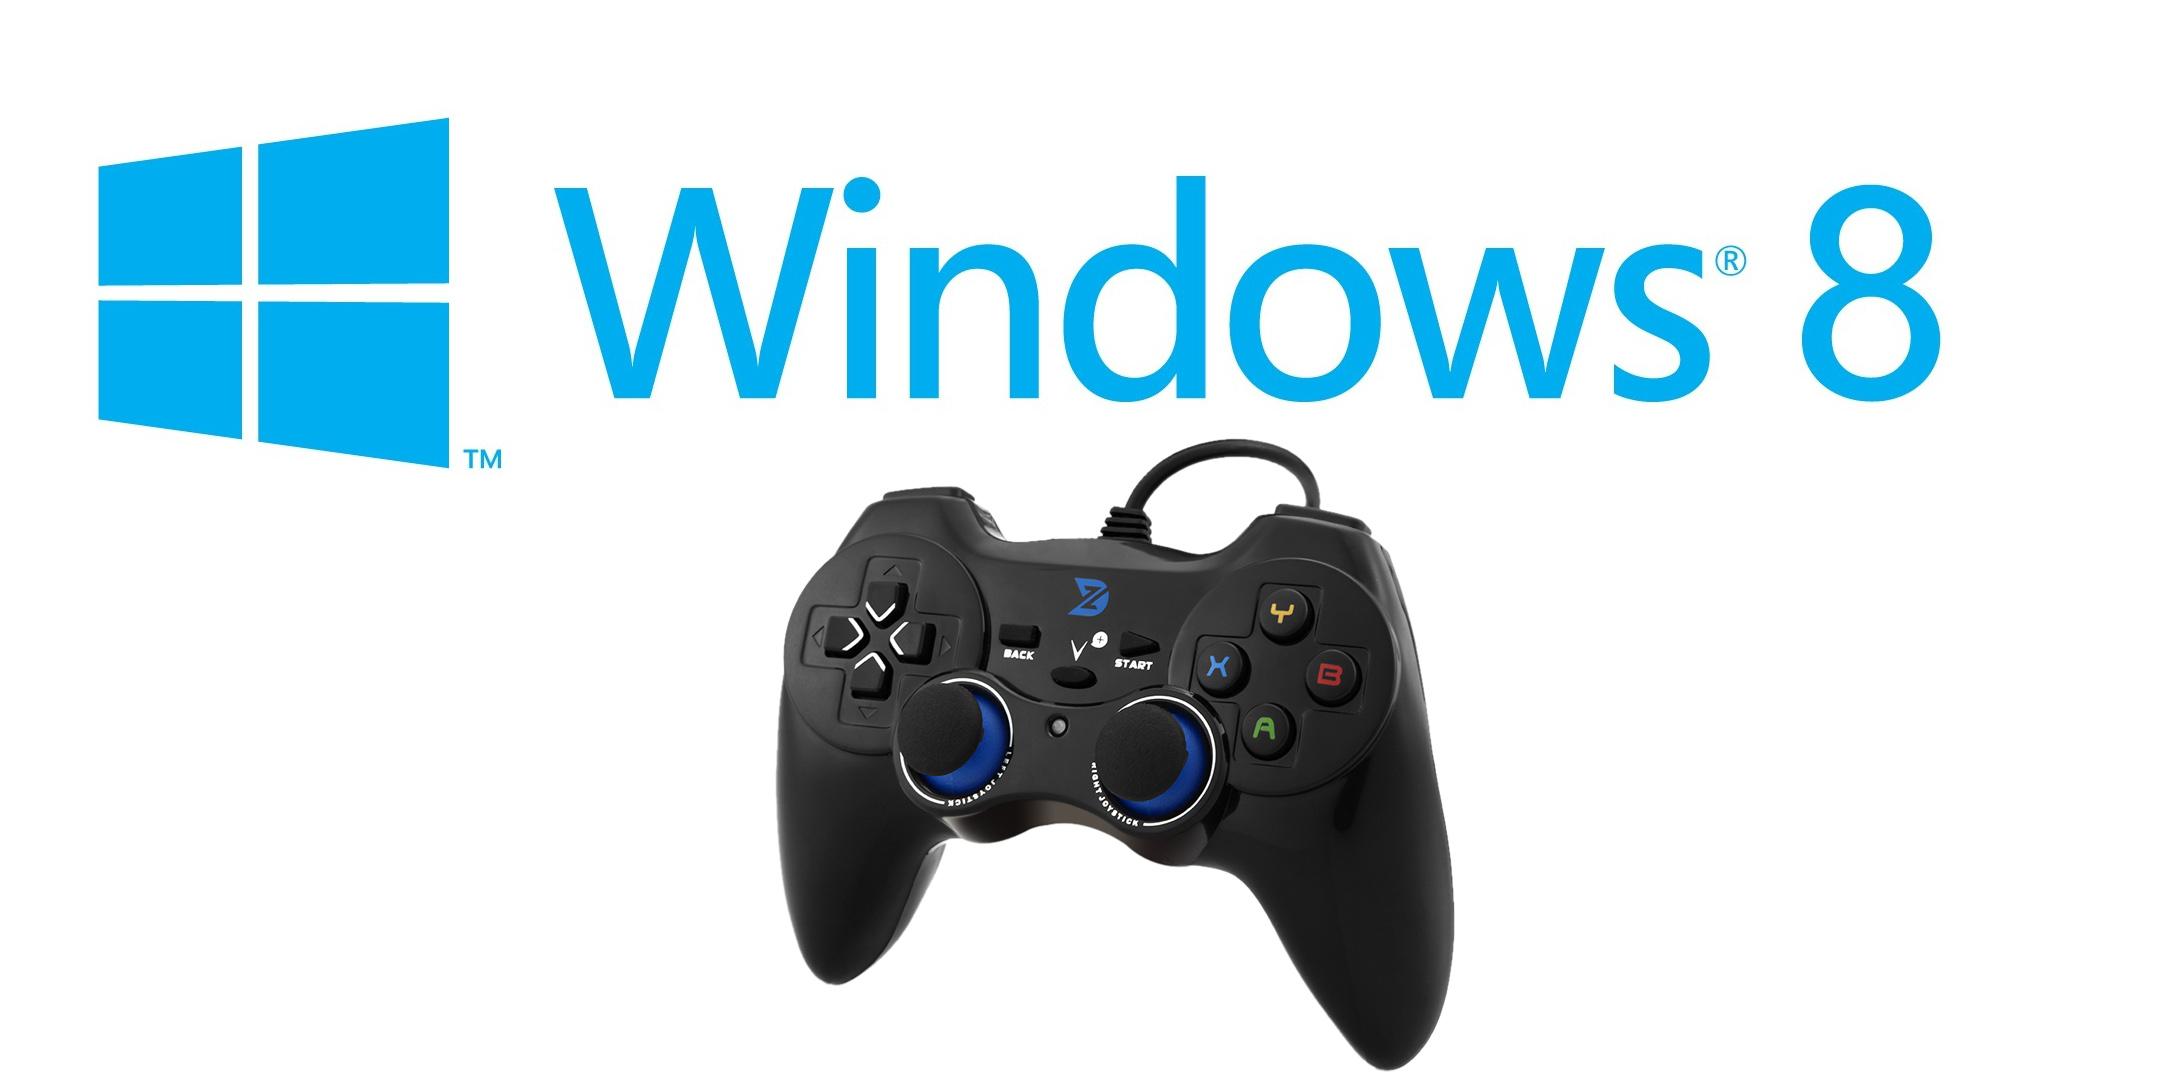 Лучшие бесплатные игры для Windows 8